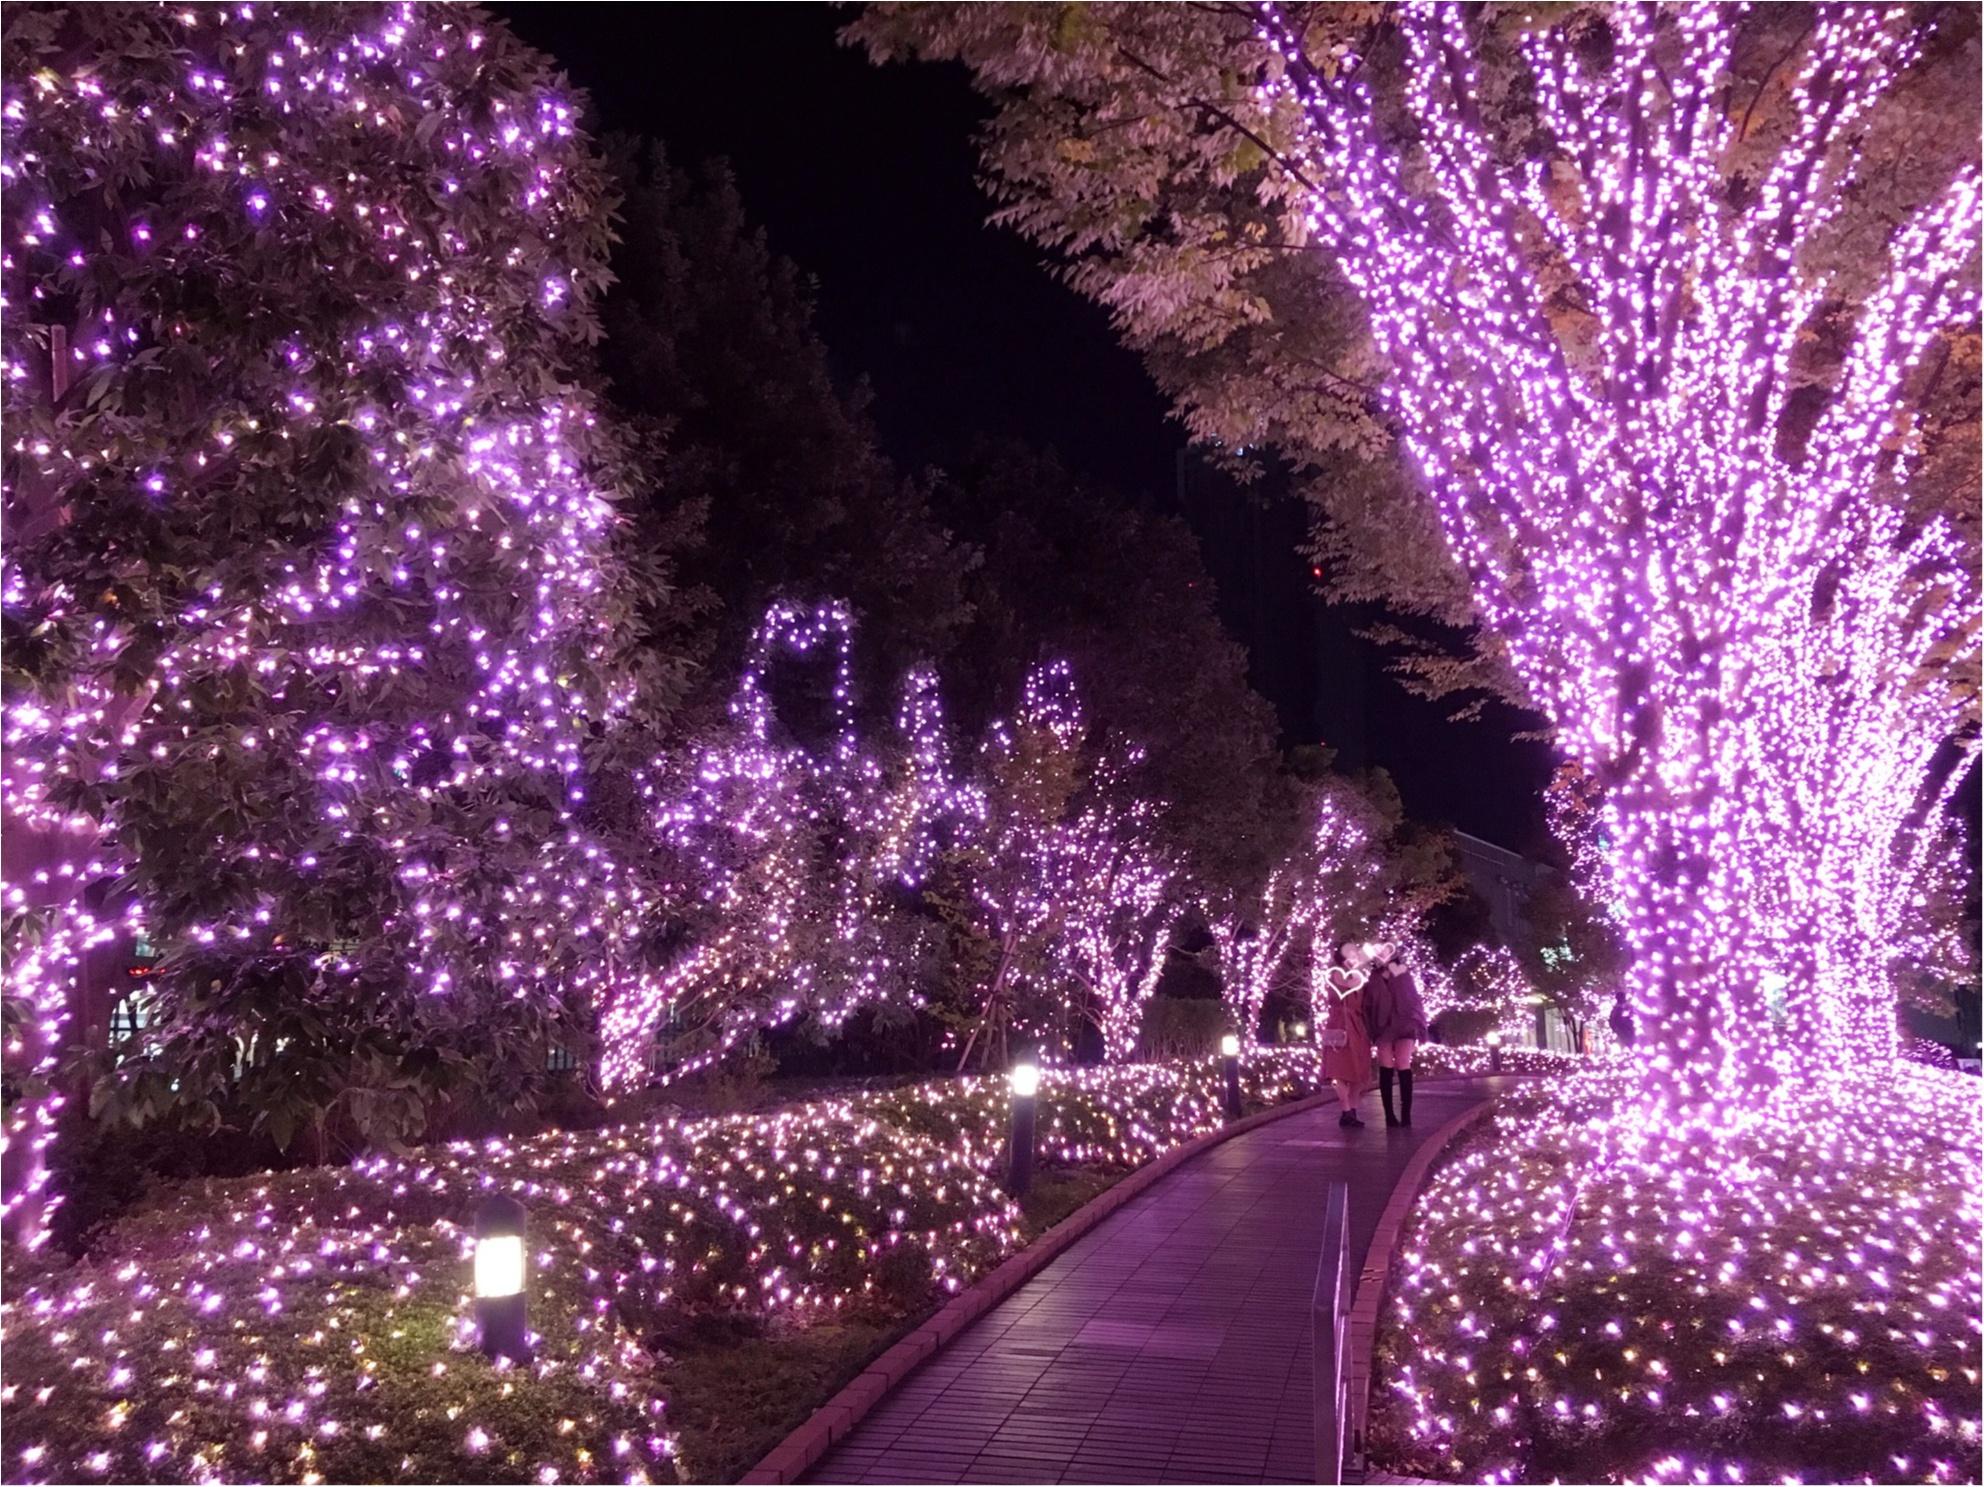 新宿の冬をベビーピンク色に染め上げる♡『新宿テラスシティ』のイルミネーションが女子力高め!体験型の『スマイルタワー』って?♡_7